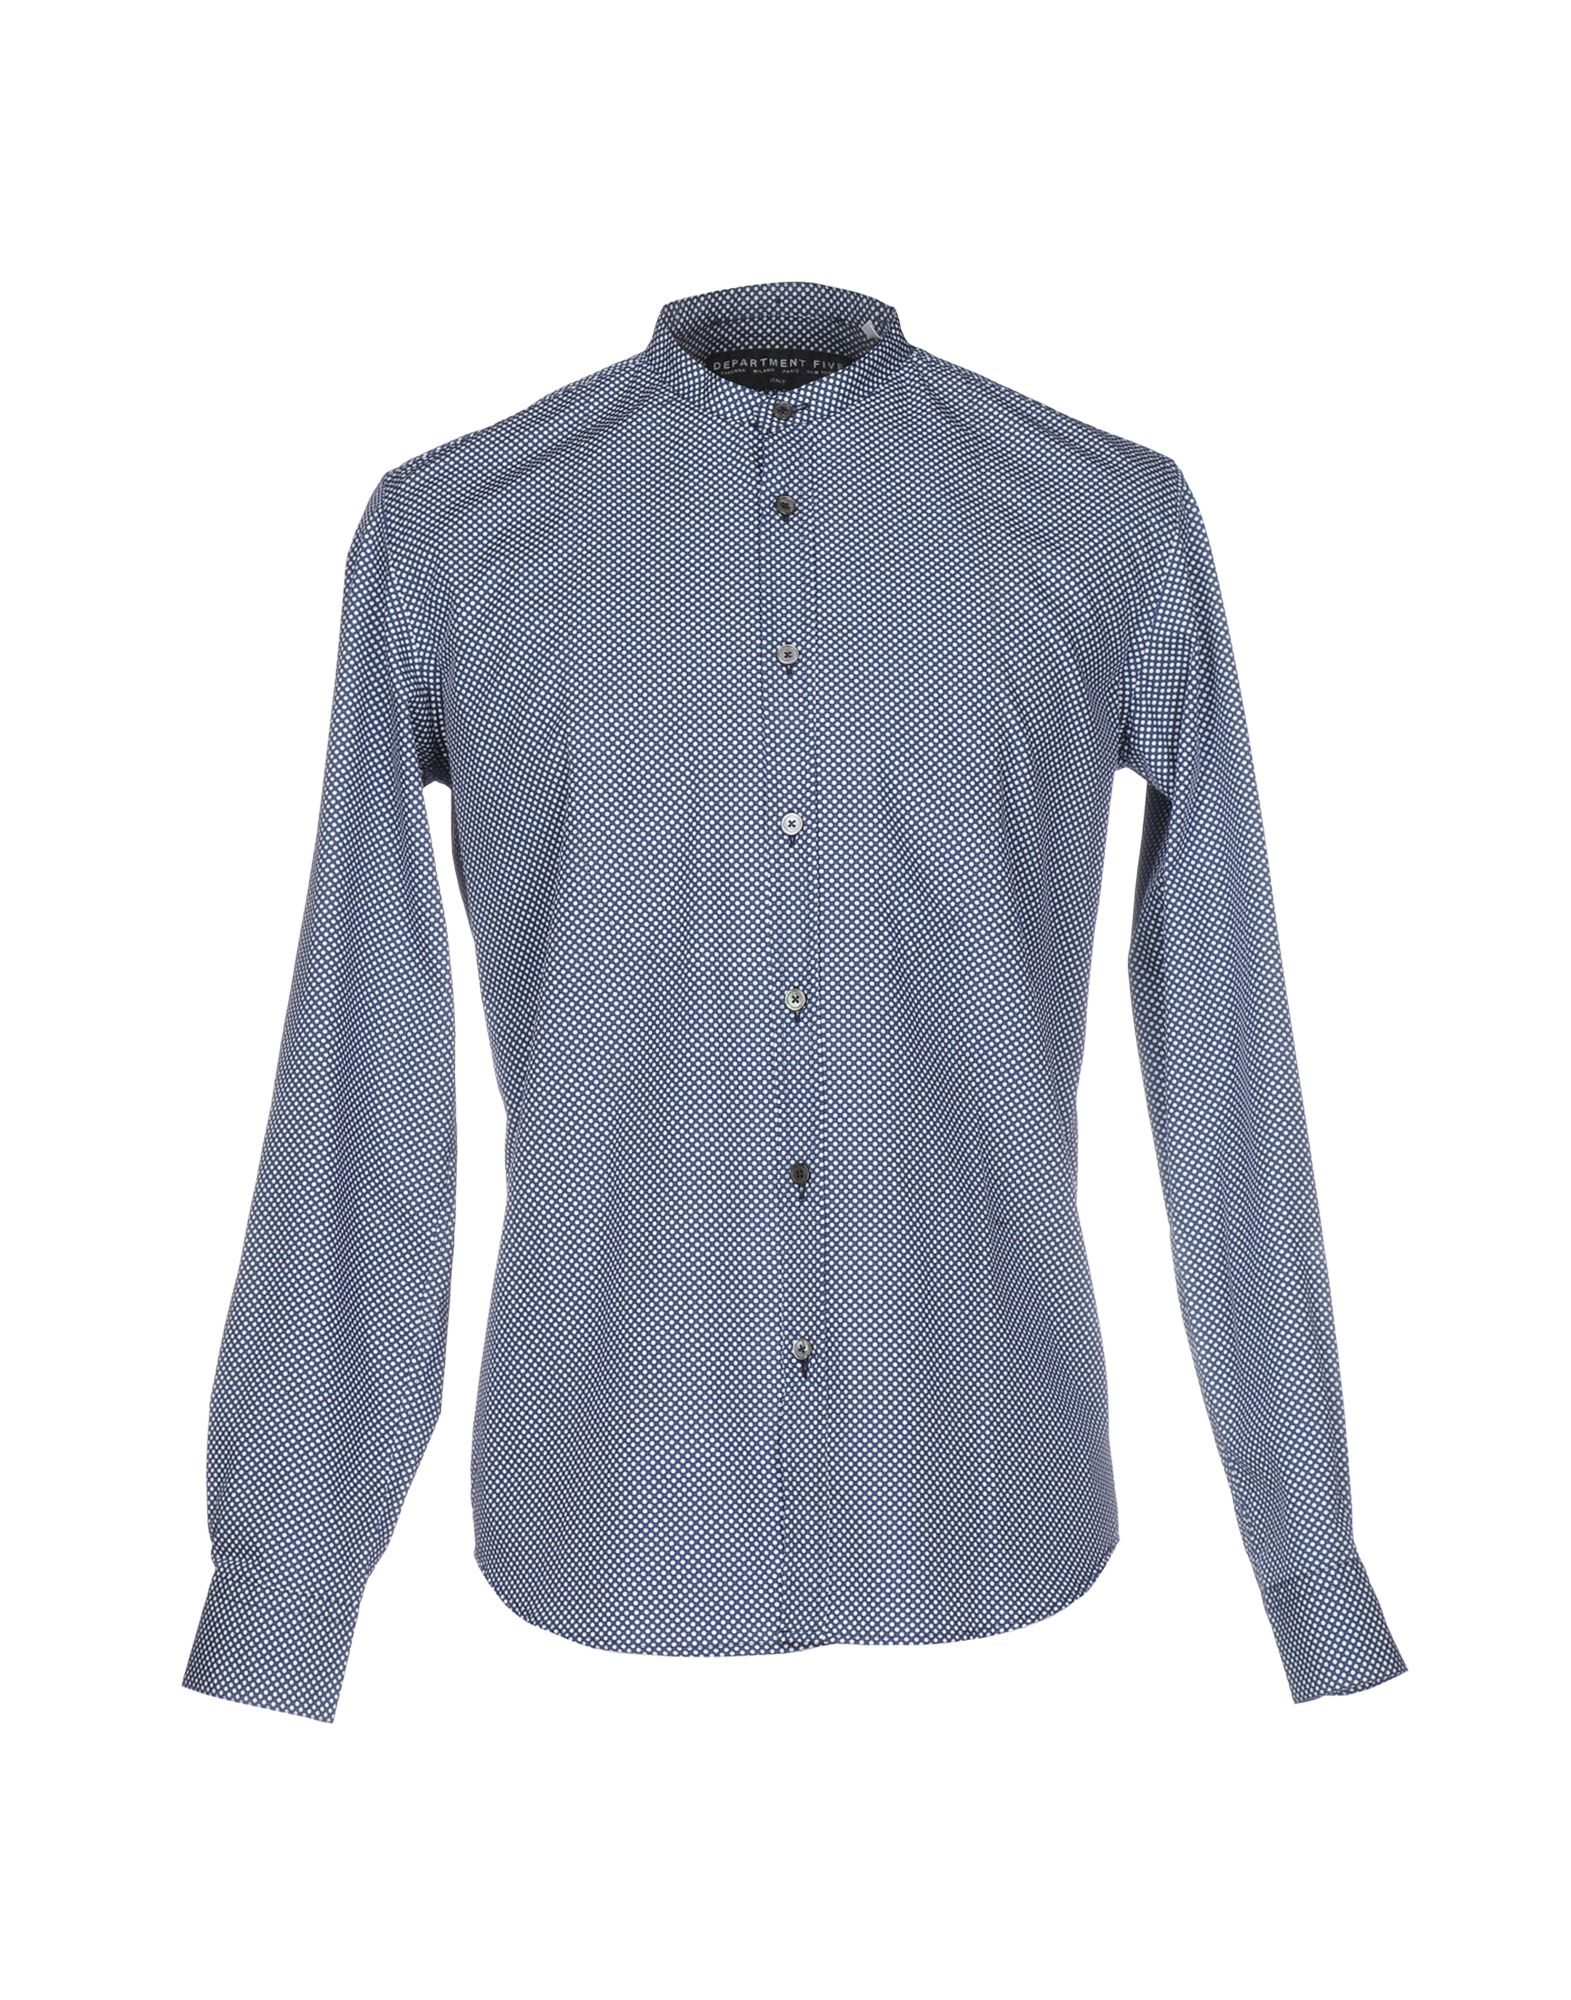 Camicia Fantasia Department 5 Uomo - Acquista online su